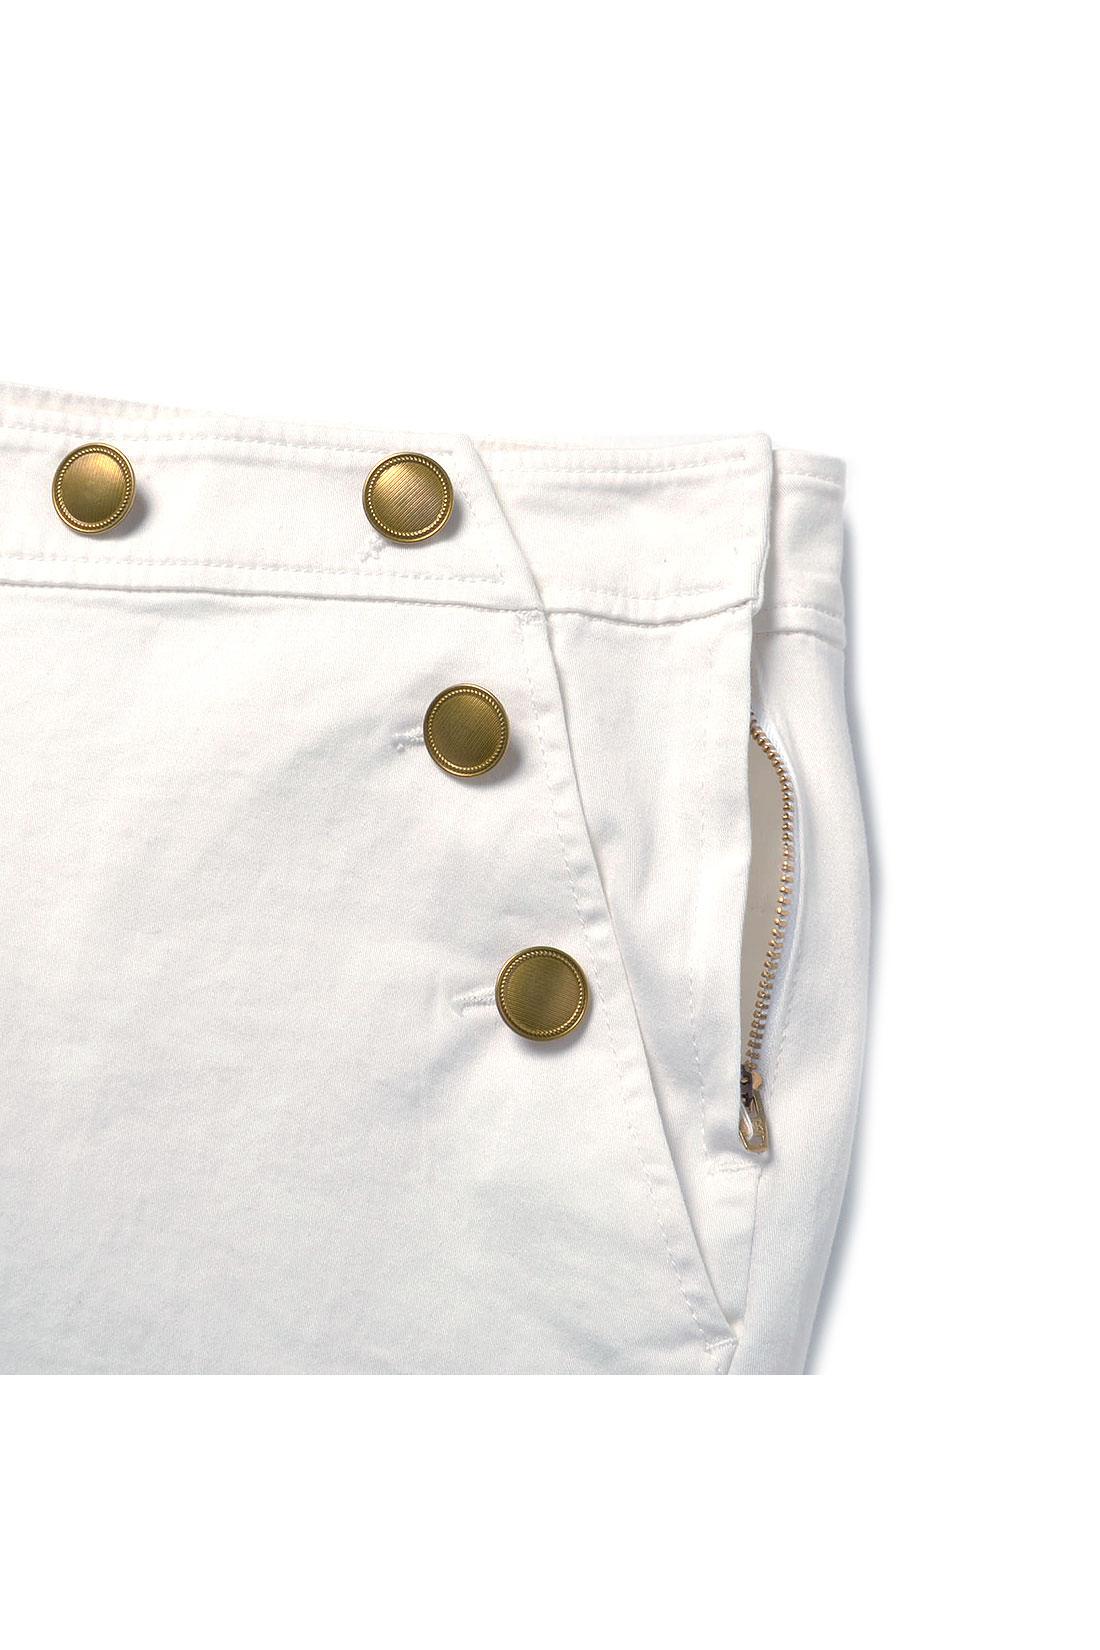 ウエストは飾りボタンを付けて細く見せる工夫。着脱はサイドのファスナーでスムーズ。